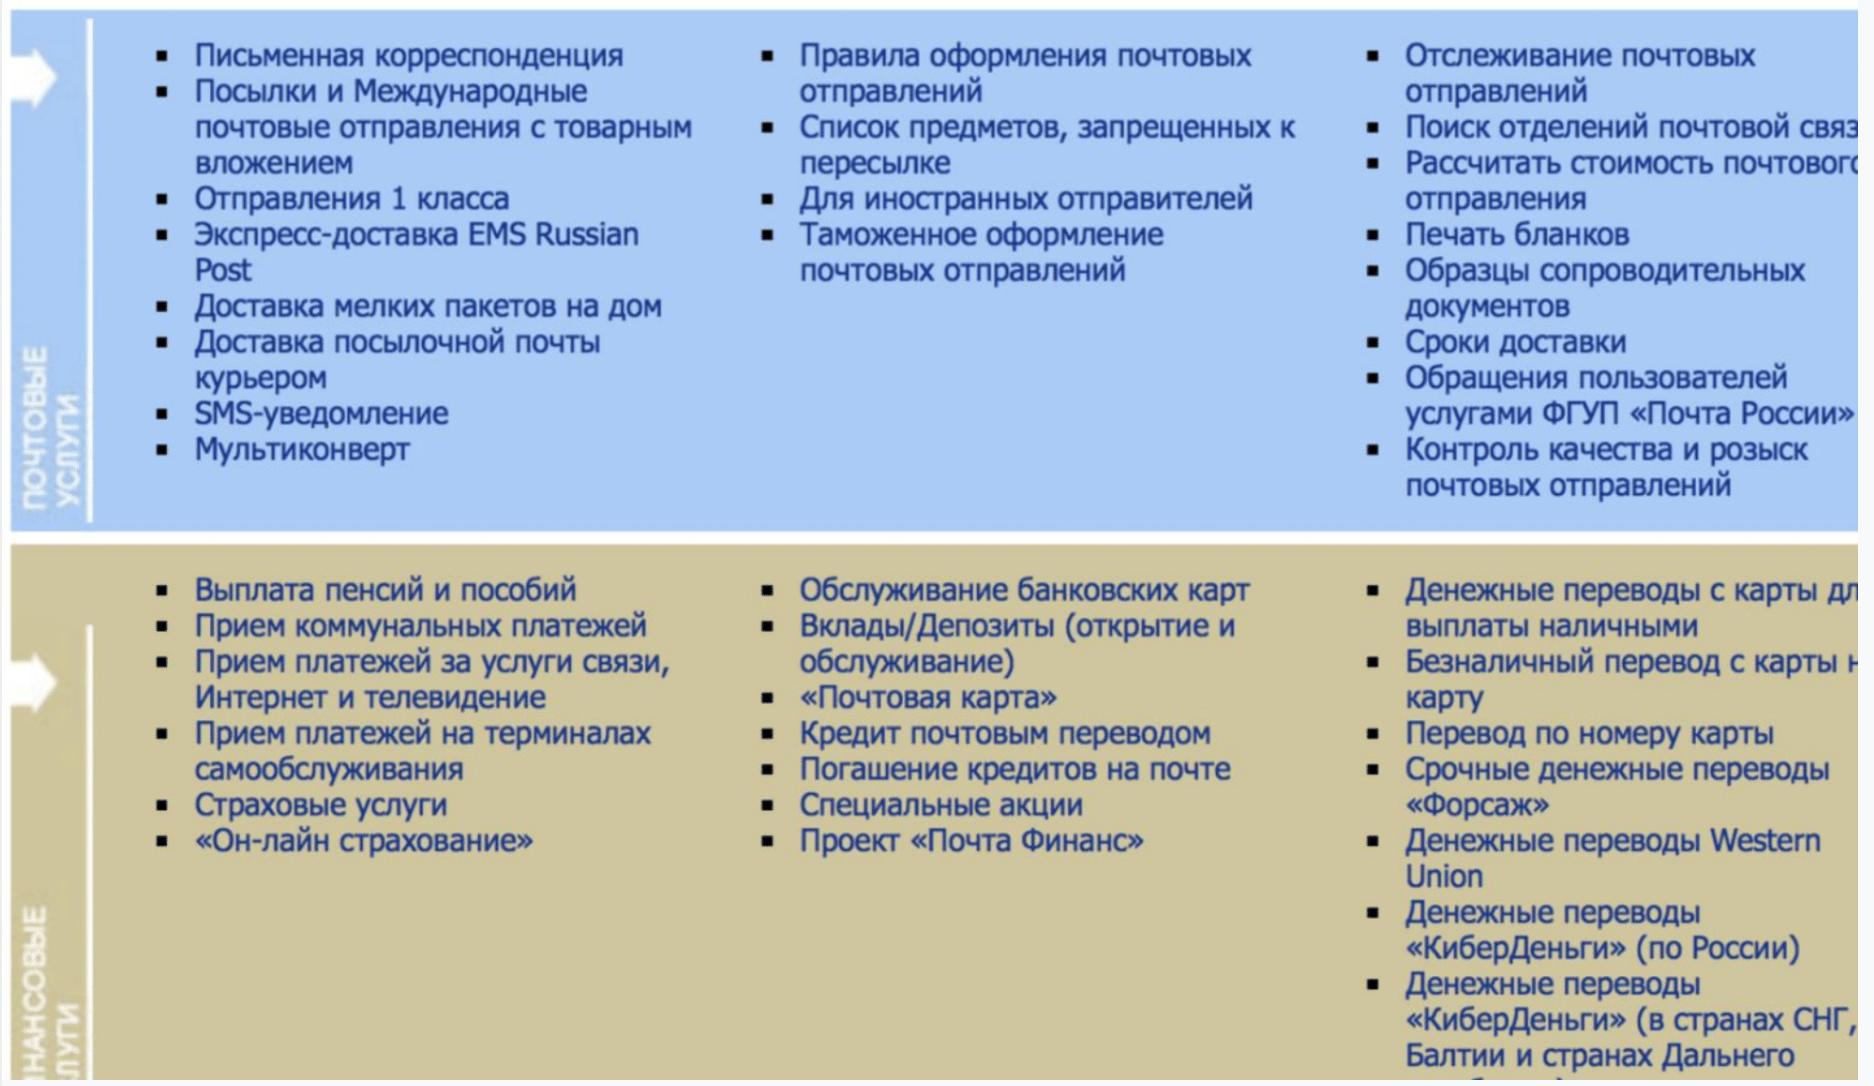 Почтовые Технологии — как мы цифровизируем Почту России - 4